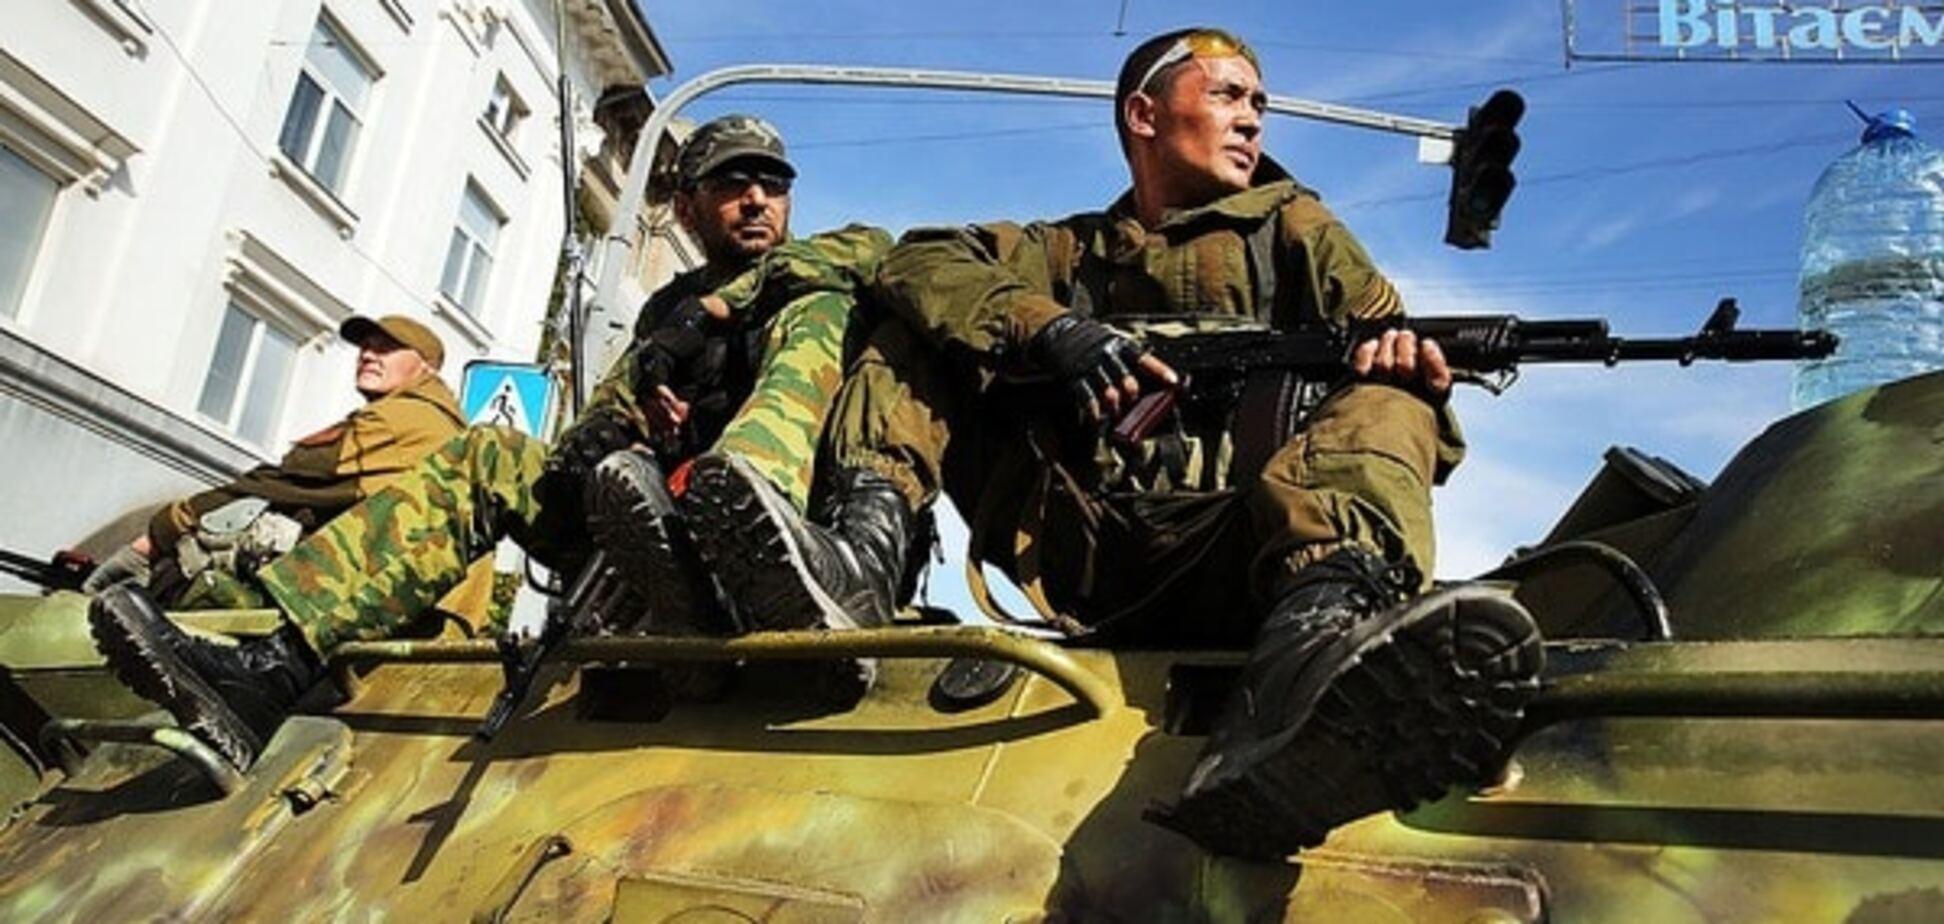 Втрати зростають: розвідка назвала кількість загиблих і поранених в АТО російських військових